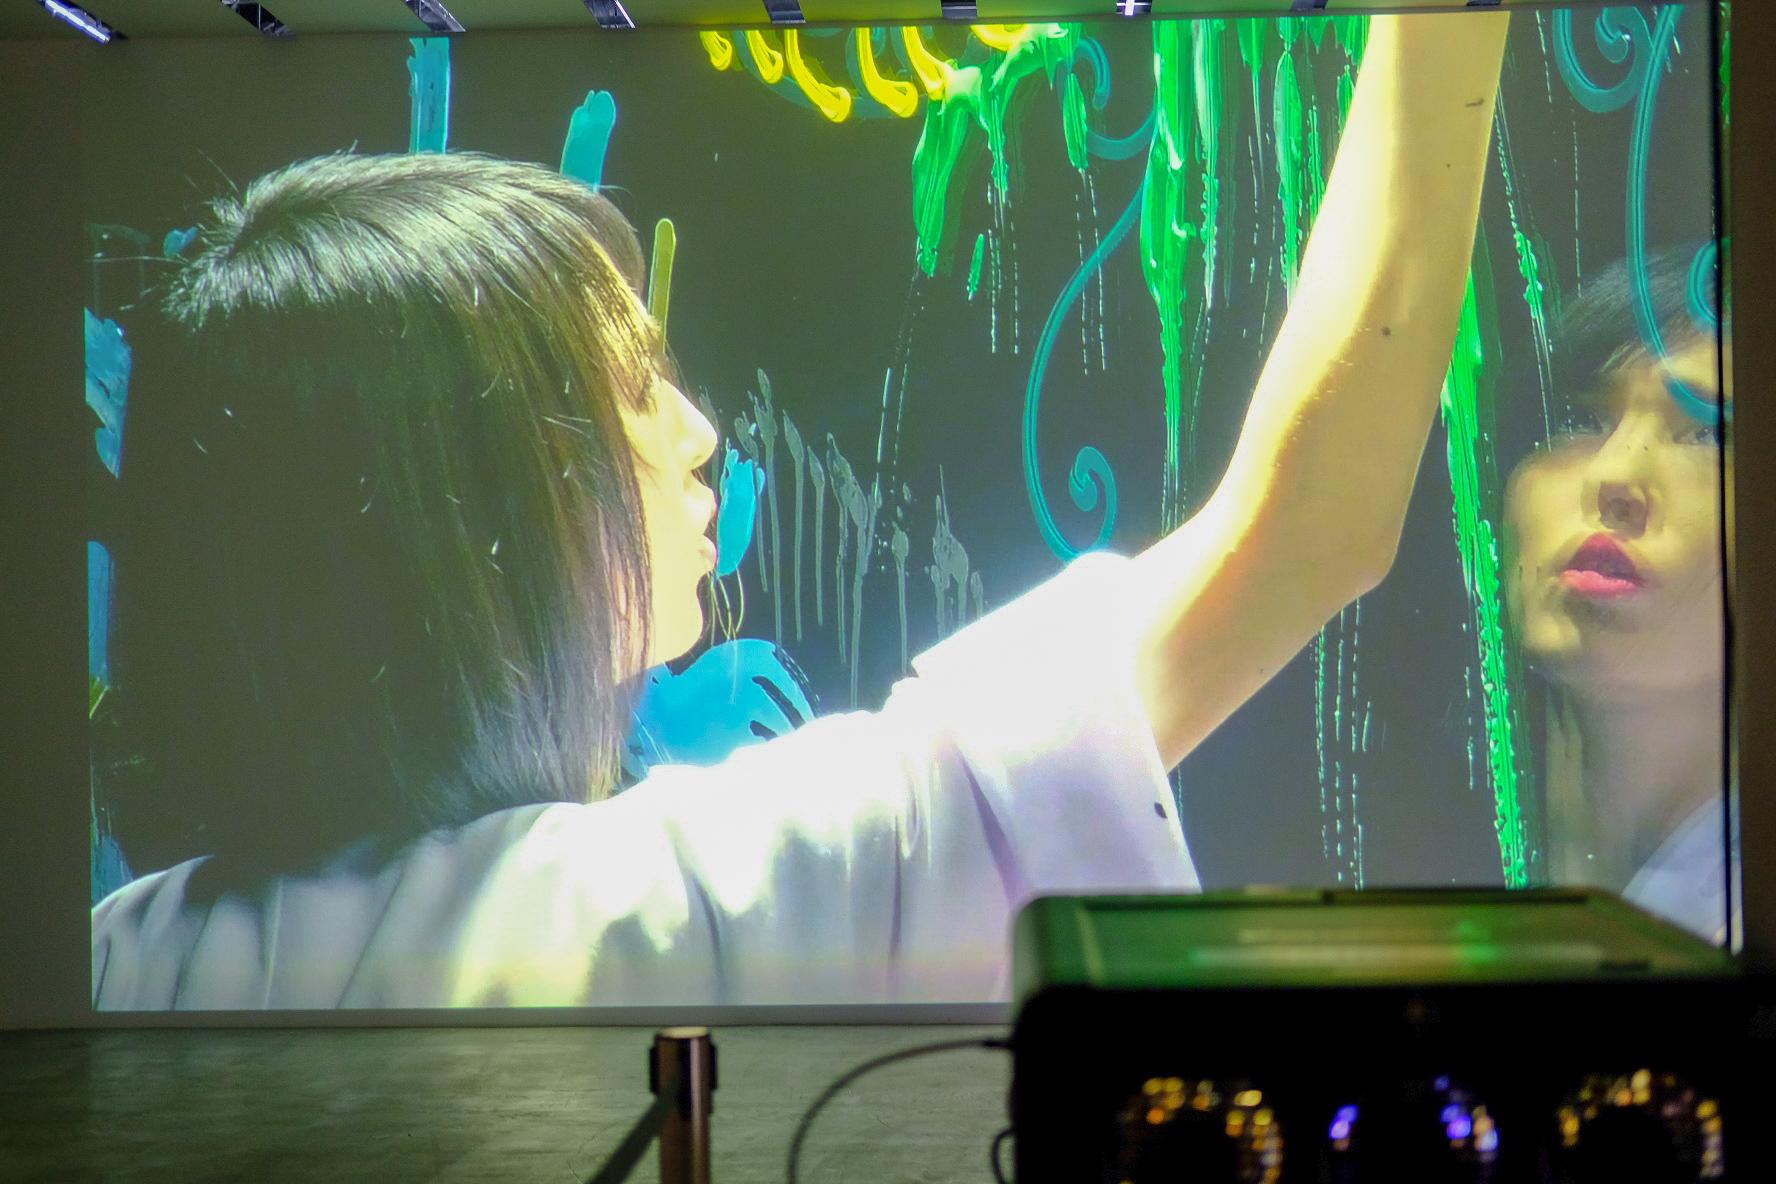 小松美羽の個展(大回顧展・軽井沢)へ!魂でストーリーを感じた